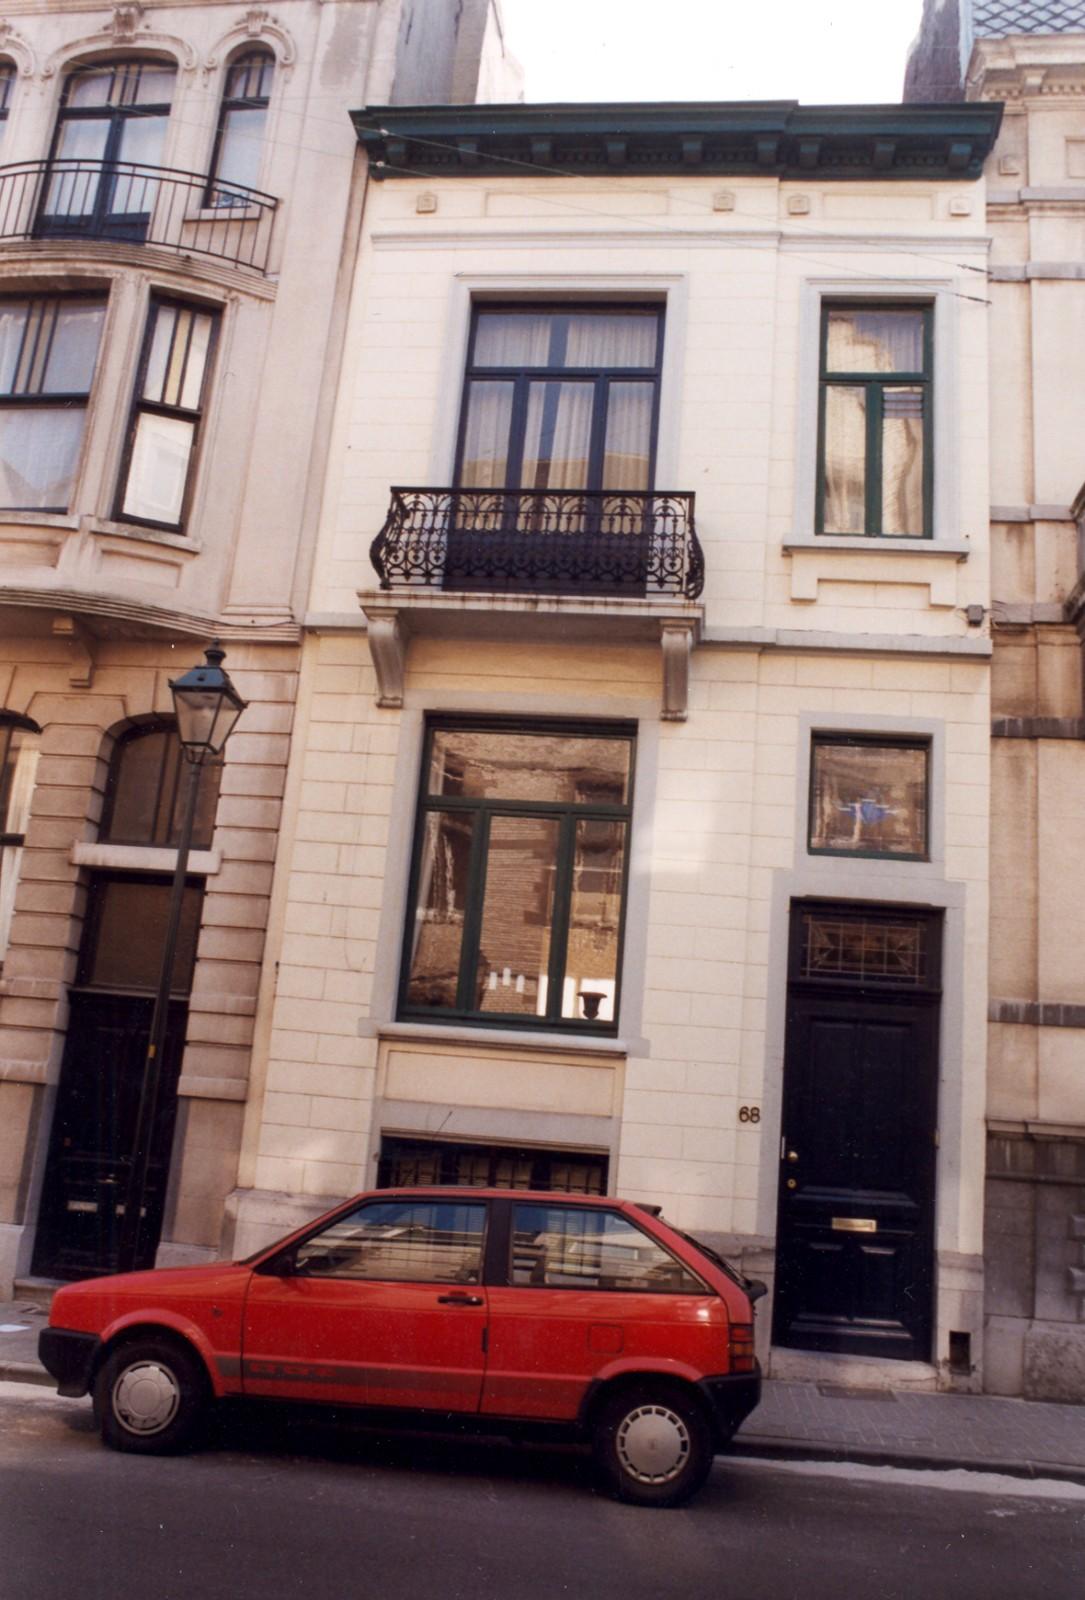 Saint gilles rue de parme 68 for Rue de parme